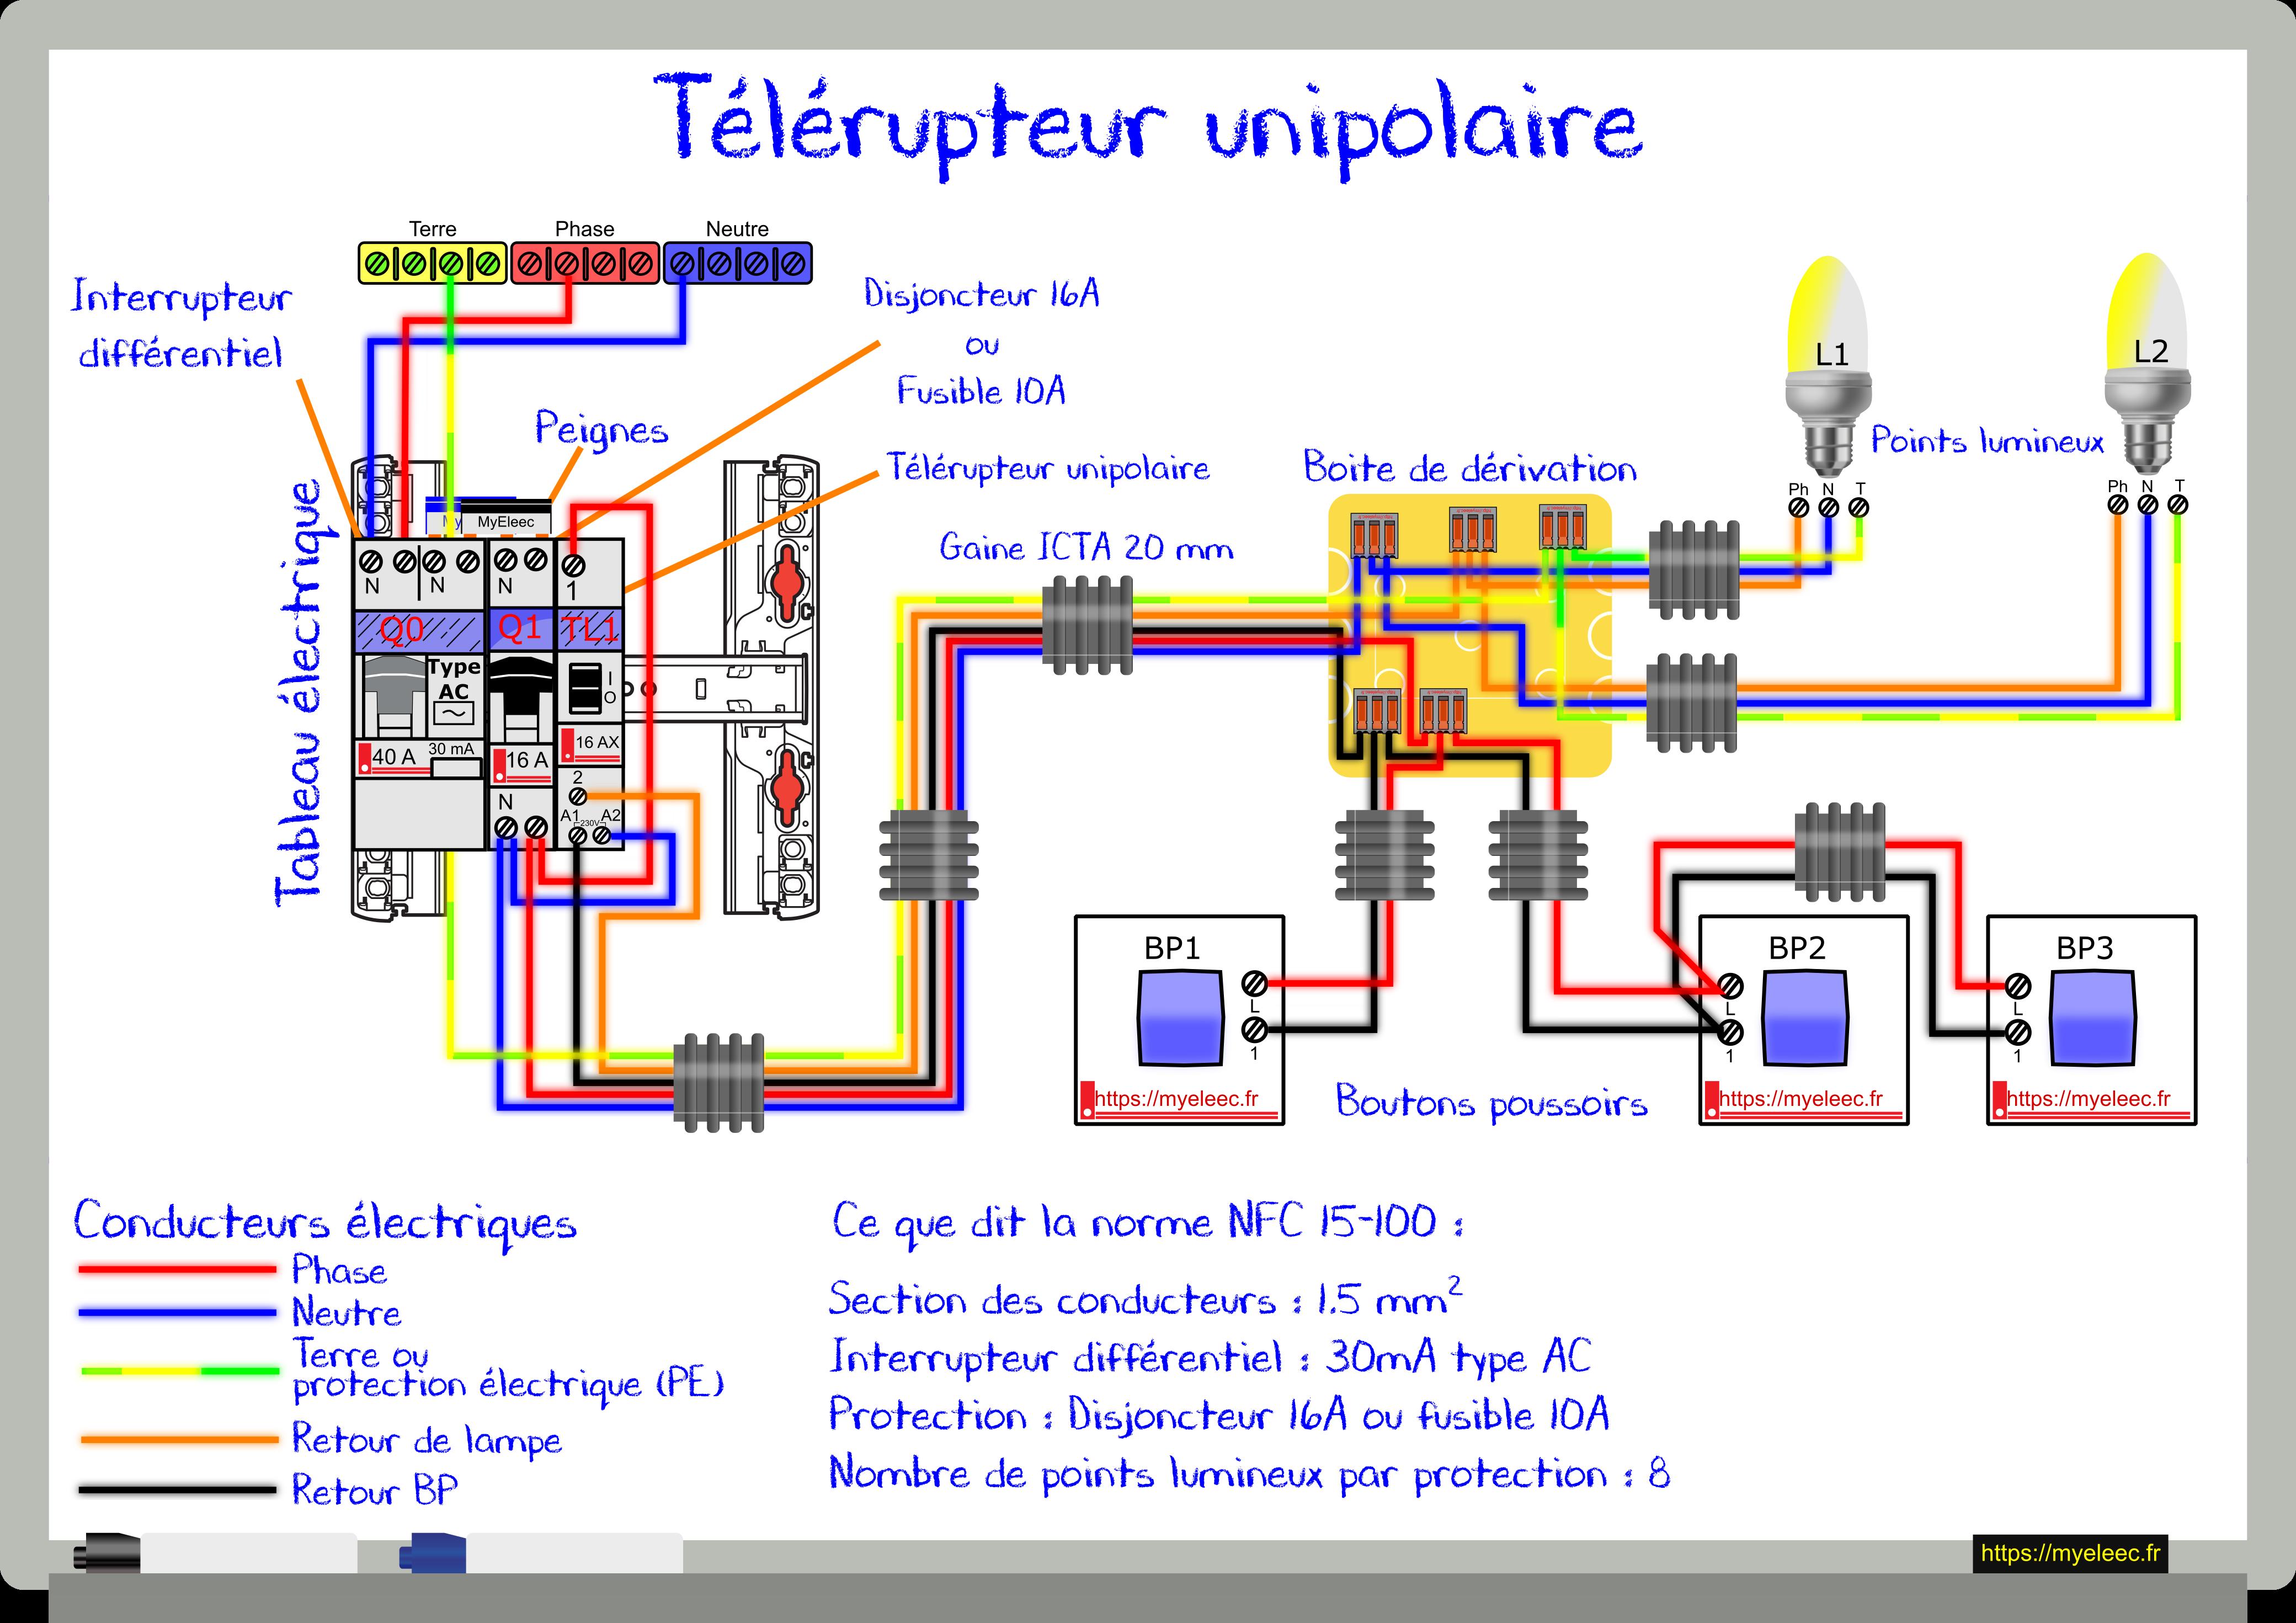 05 – Télérupteur unipolaire